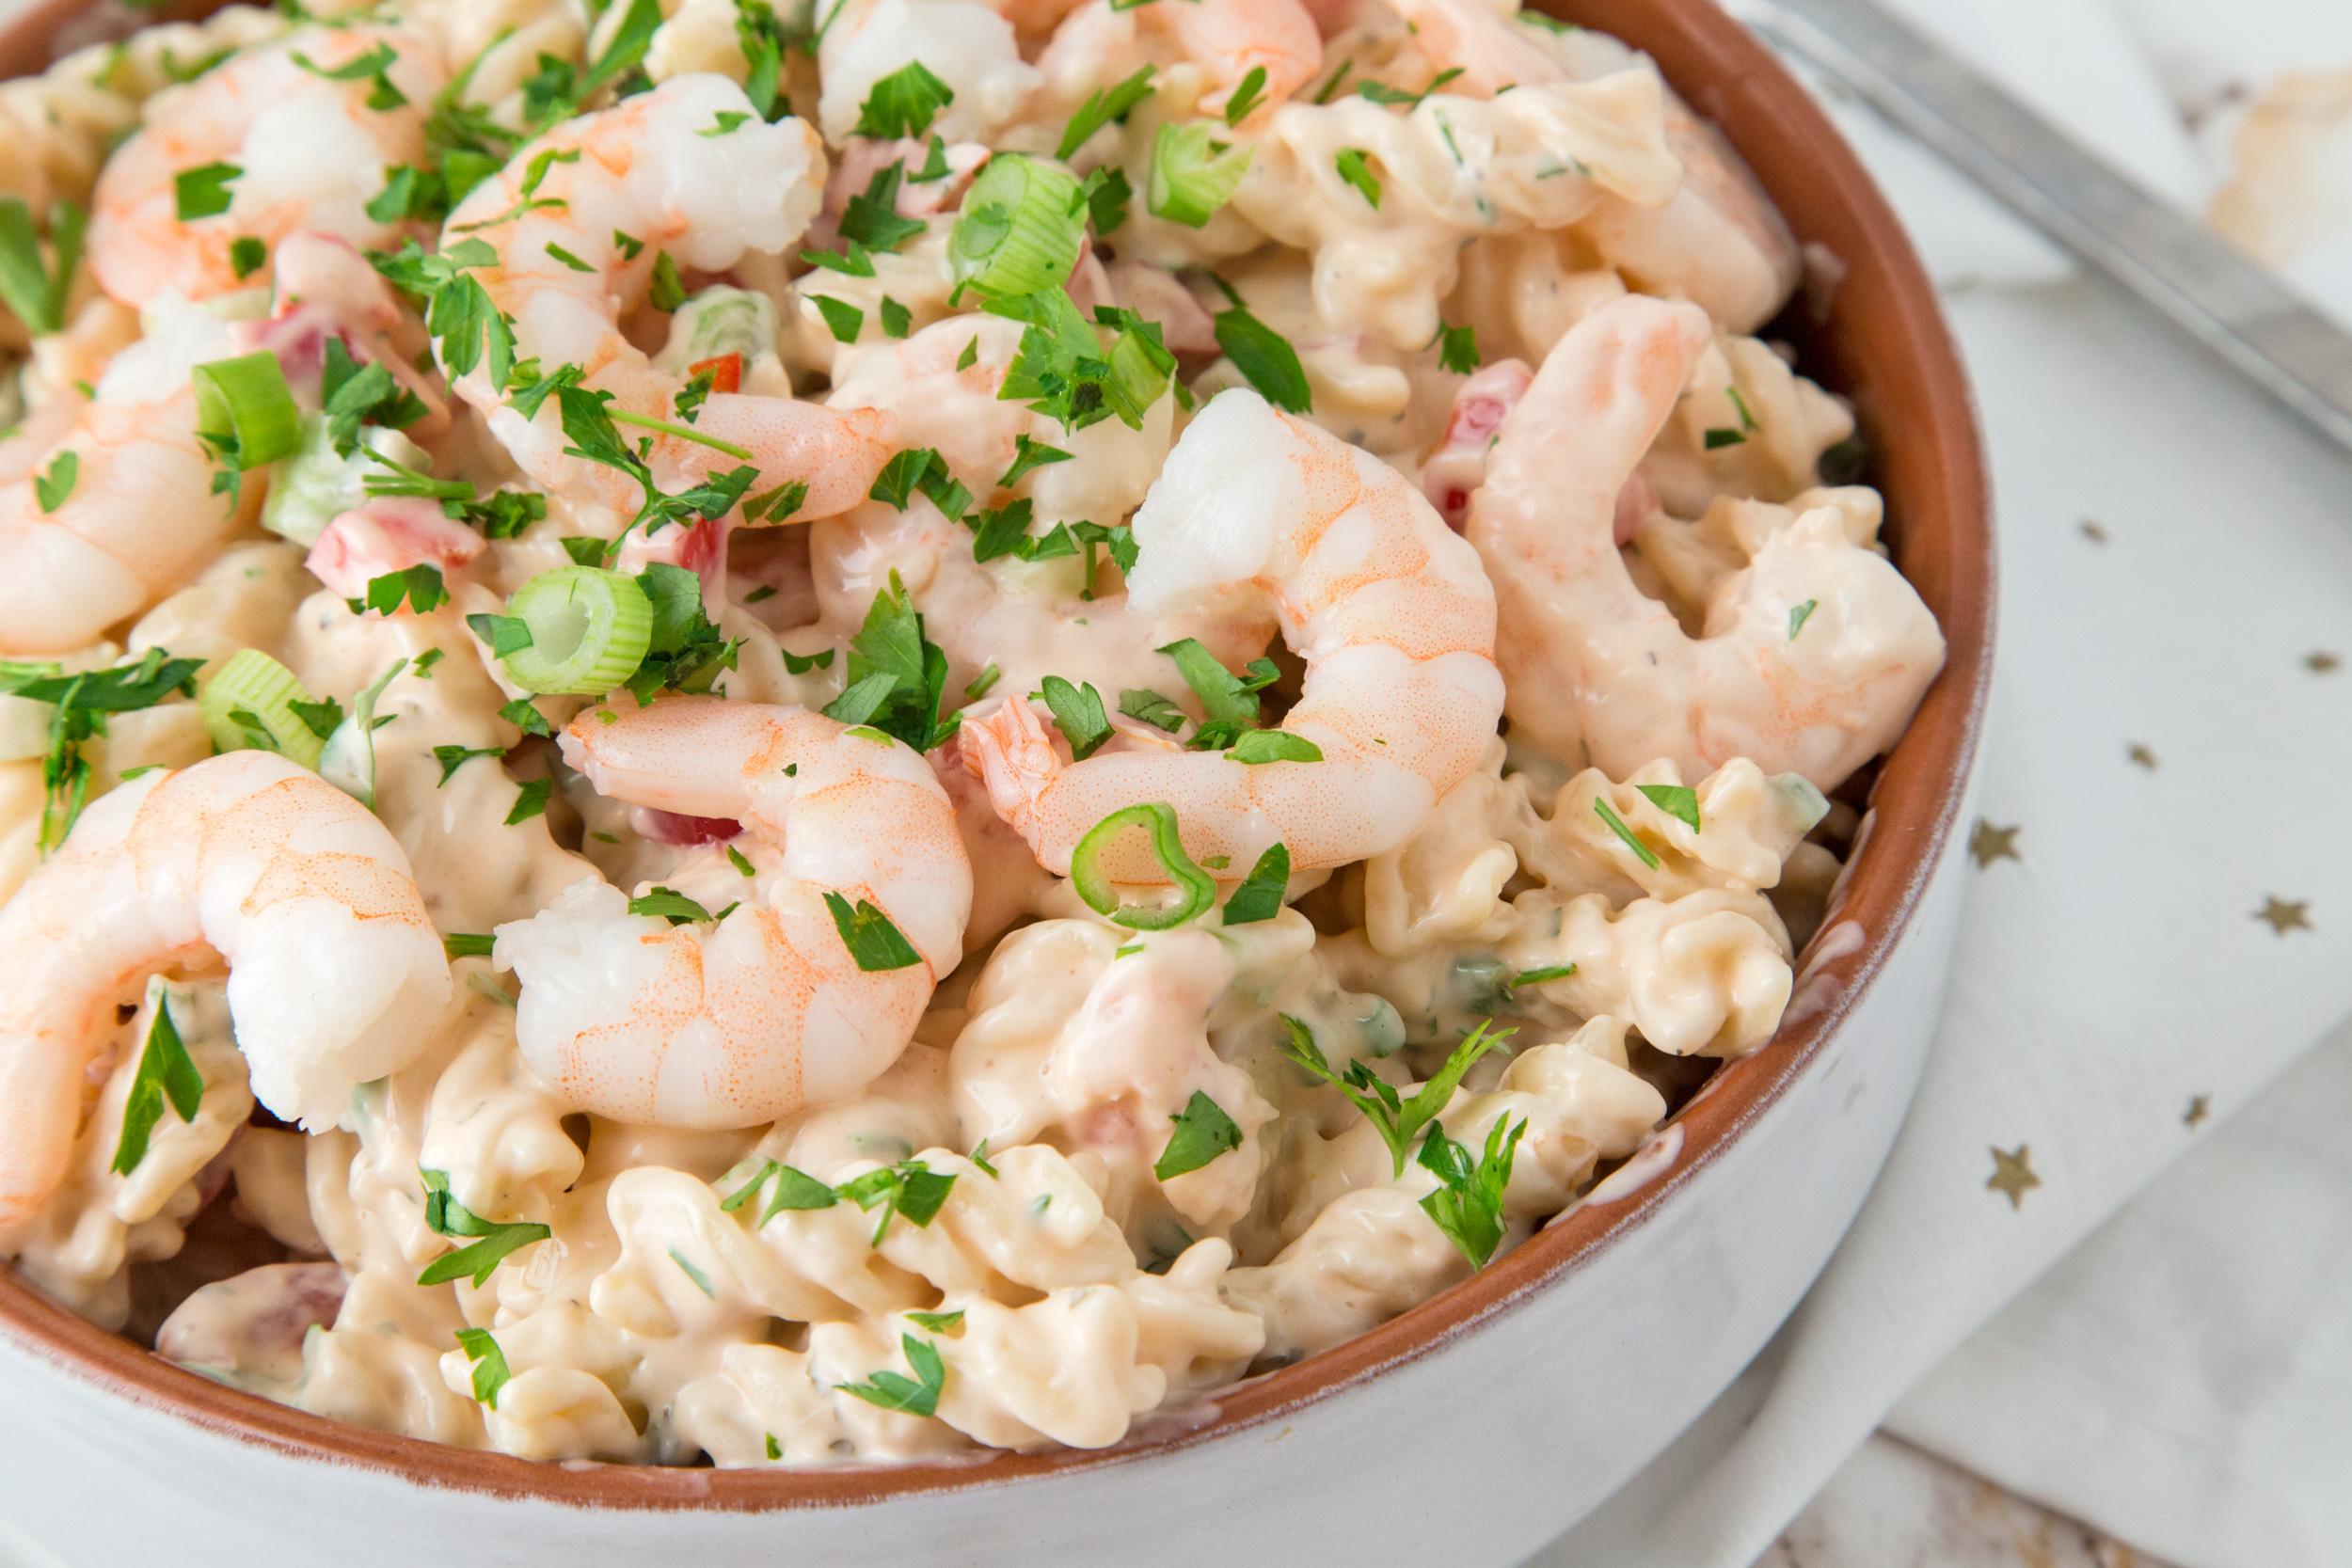 Shrimp Louis Pasta Salad Recipe